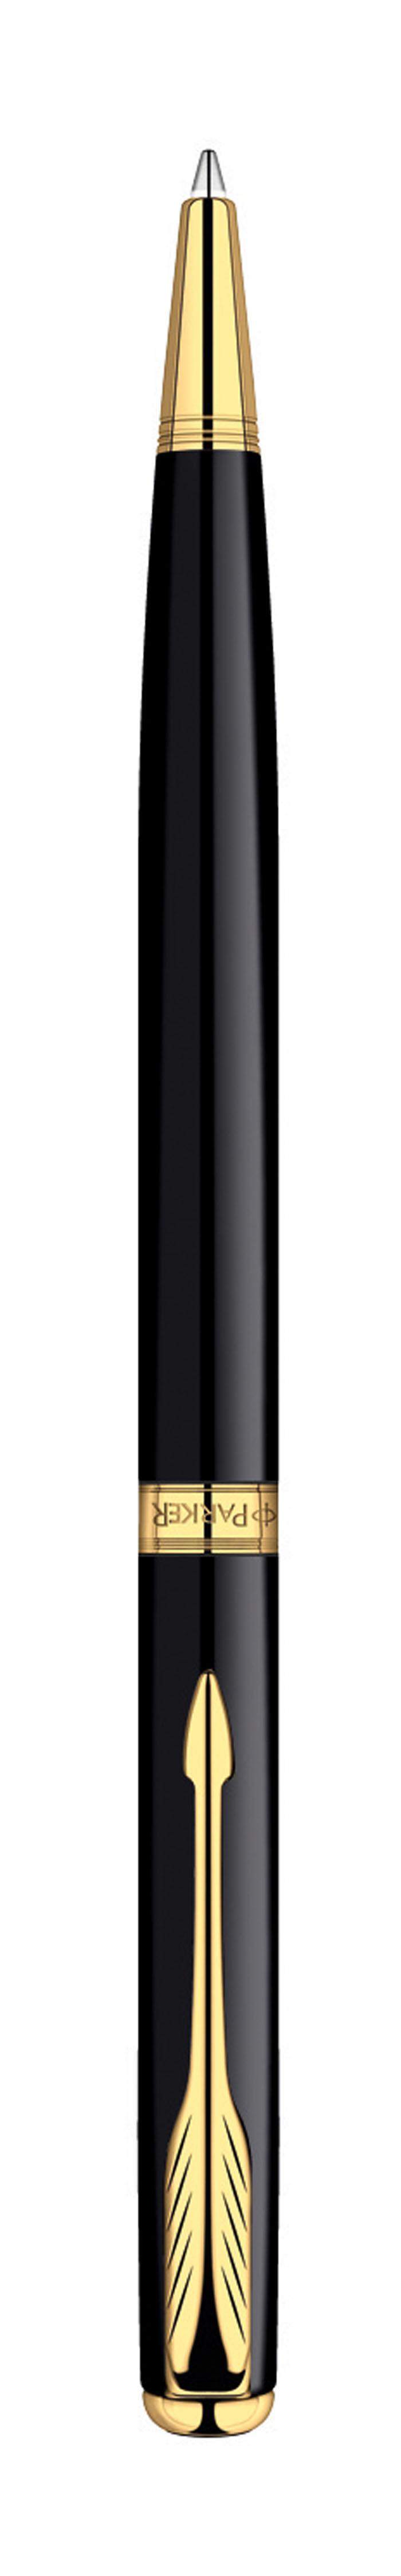 Шариковая ручка Parker Sonnet Slim Black GT с поворотным механизмом - это гарант вашего неповторимого стиля и элегантности. Ручка заправлена стержнем с черными чернилами. Корпус ручки выполнен из ювелирной латуни с многослойным лаковым покрытием и позолотой. Оригинальная гравировка Parker. Толщина линии - средняя. Шариковая ручка упакована в фирменную коробку с логотипом компании Parker. В коробке предусмотрено дополнительное отделение, в котором расположен международный гарантийный талон.Эксклюзивная ручка Parker Sonnet Slim Black GT подчеркнет стиль и элегантность ее владельца и станет превосходным подарком ценителю изящества и роскоши.Ручка - это не просто пишущий инструмент, это - часть имиджа, наглядно демонстрирующая статус, характер и образ жизни ее владельца.